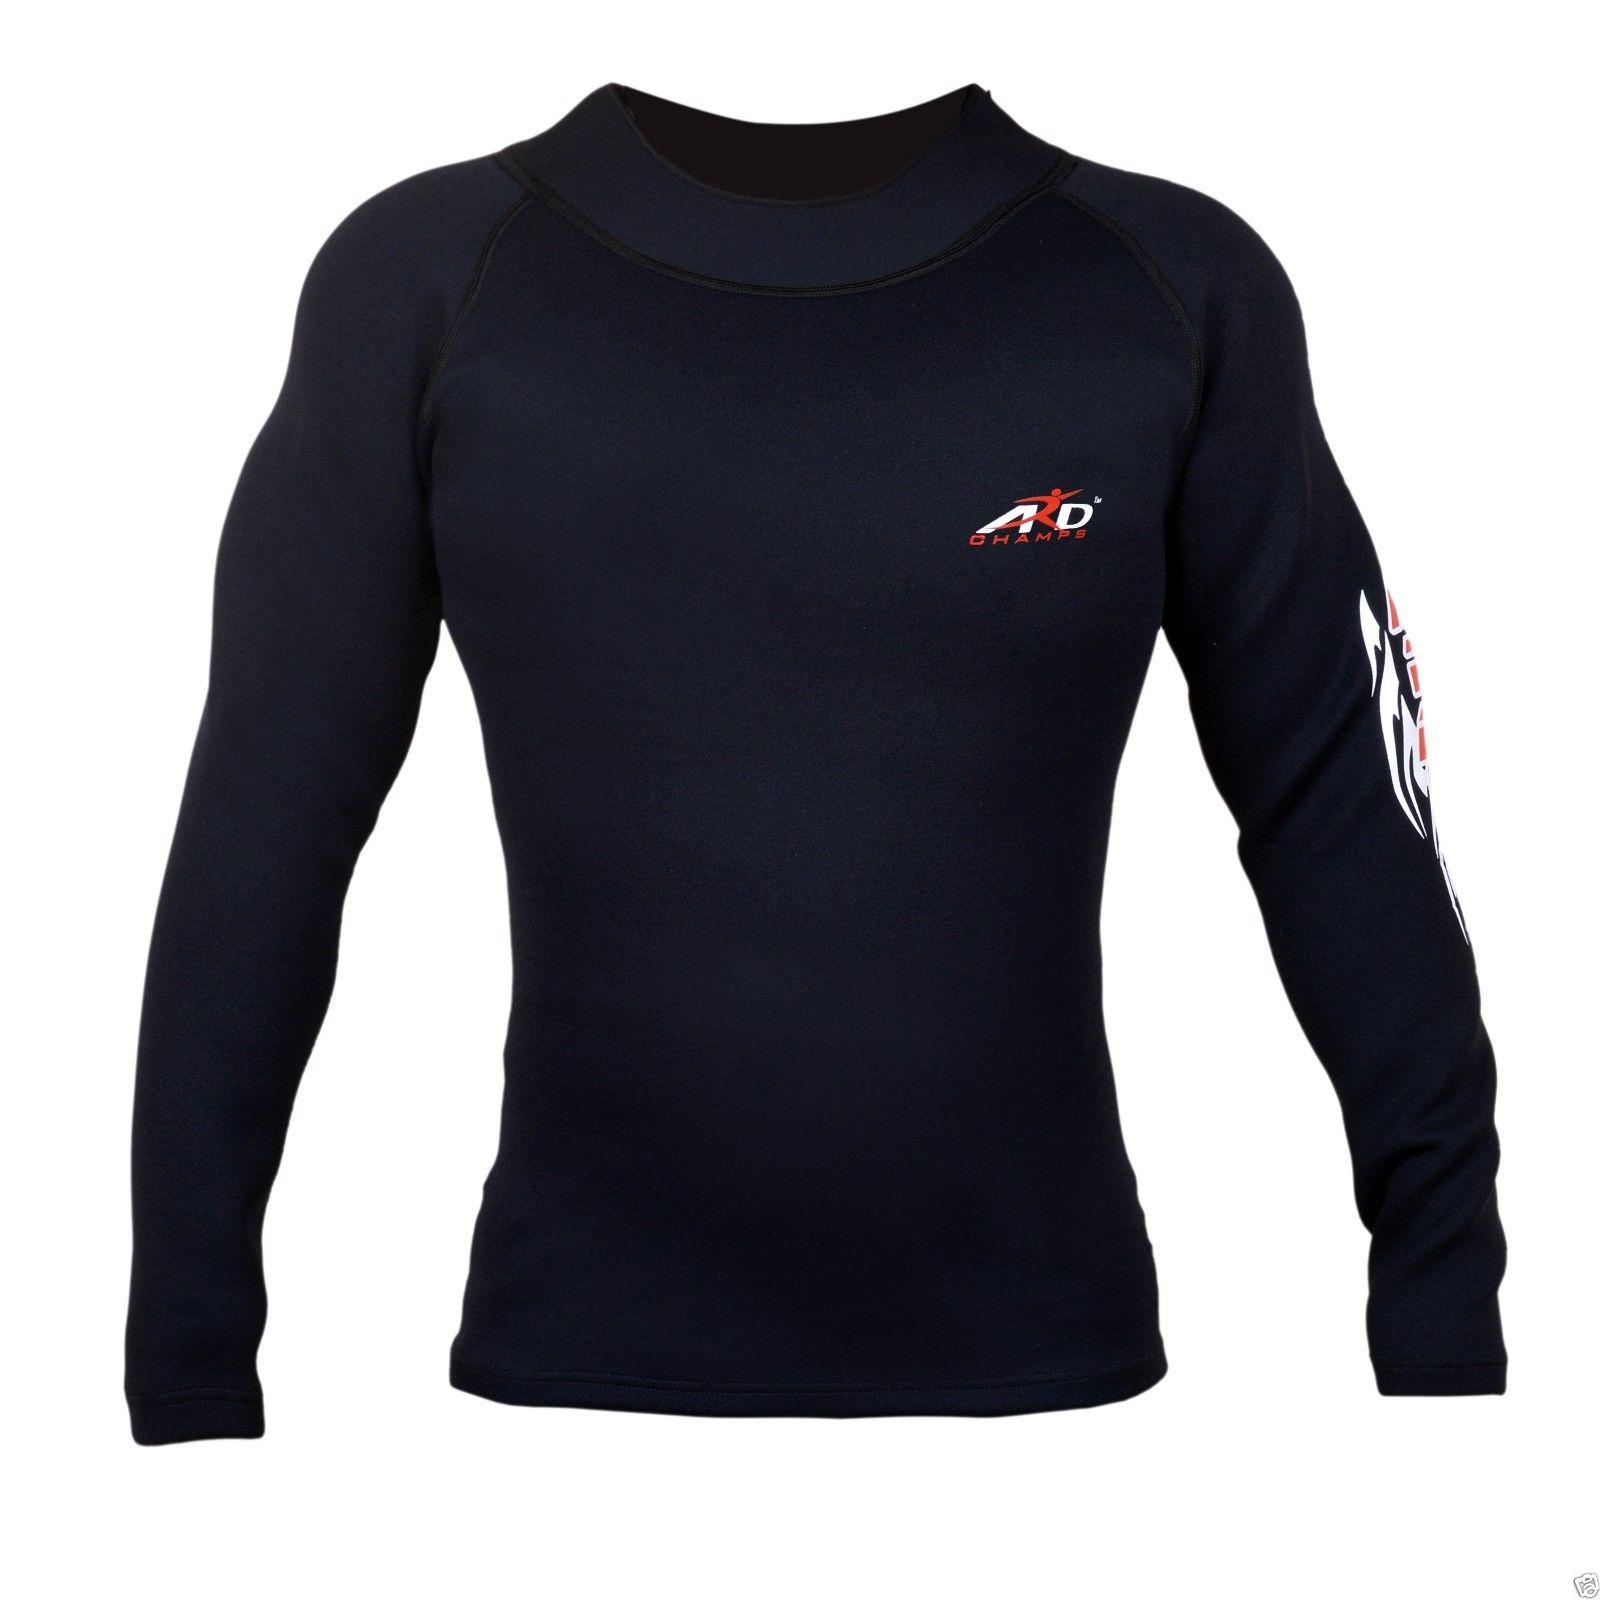 ARD Heavy Duty Neoprene Sweat Shirt Rash Guard Sauna suit...